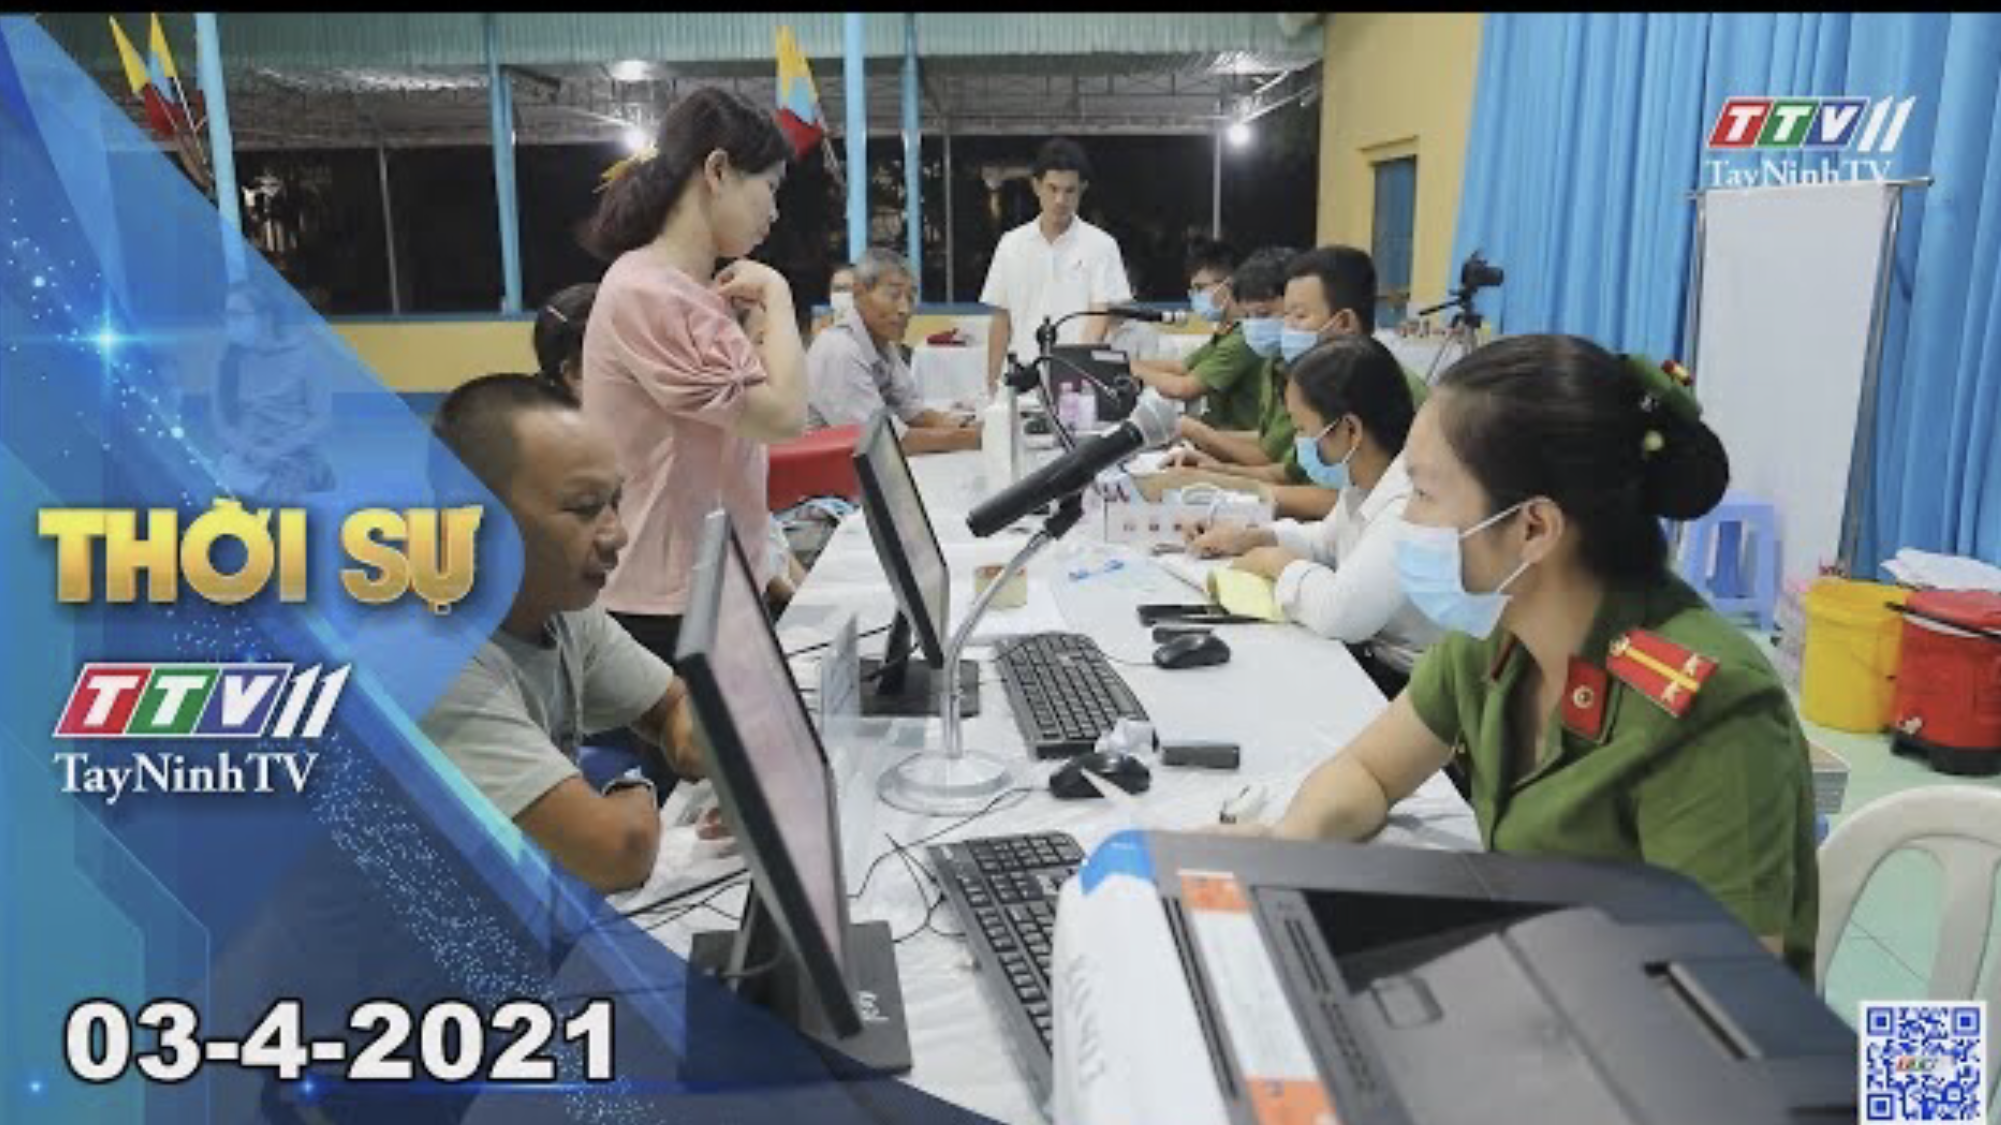 Thời sự Tây Ninh 03-4-2021 | Tin tức hôm nay | TayNinhTV